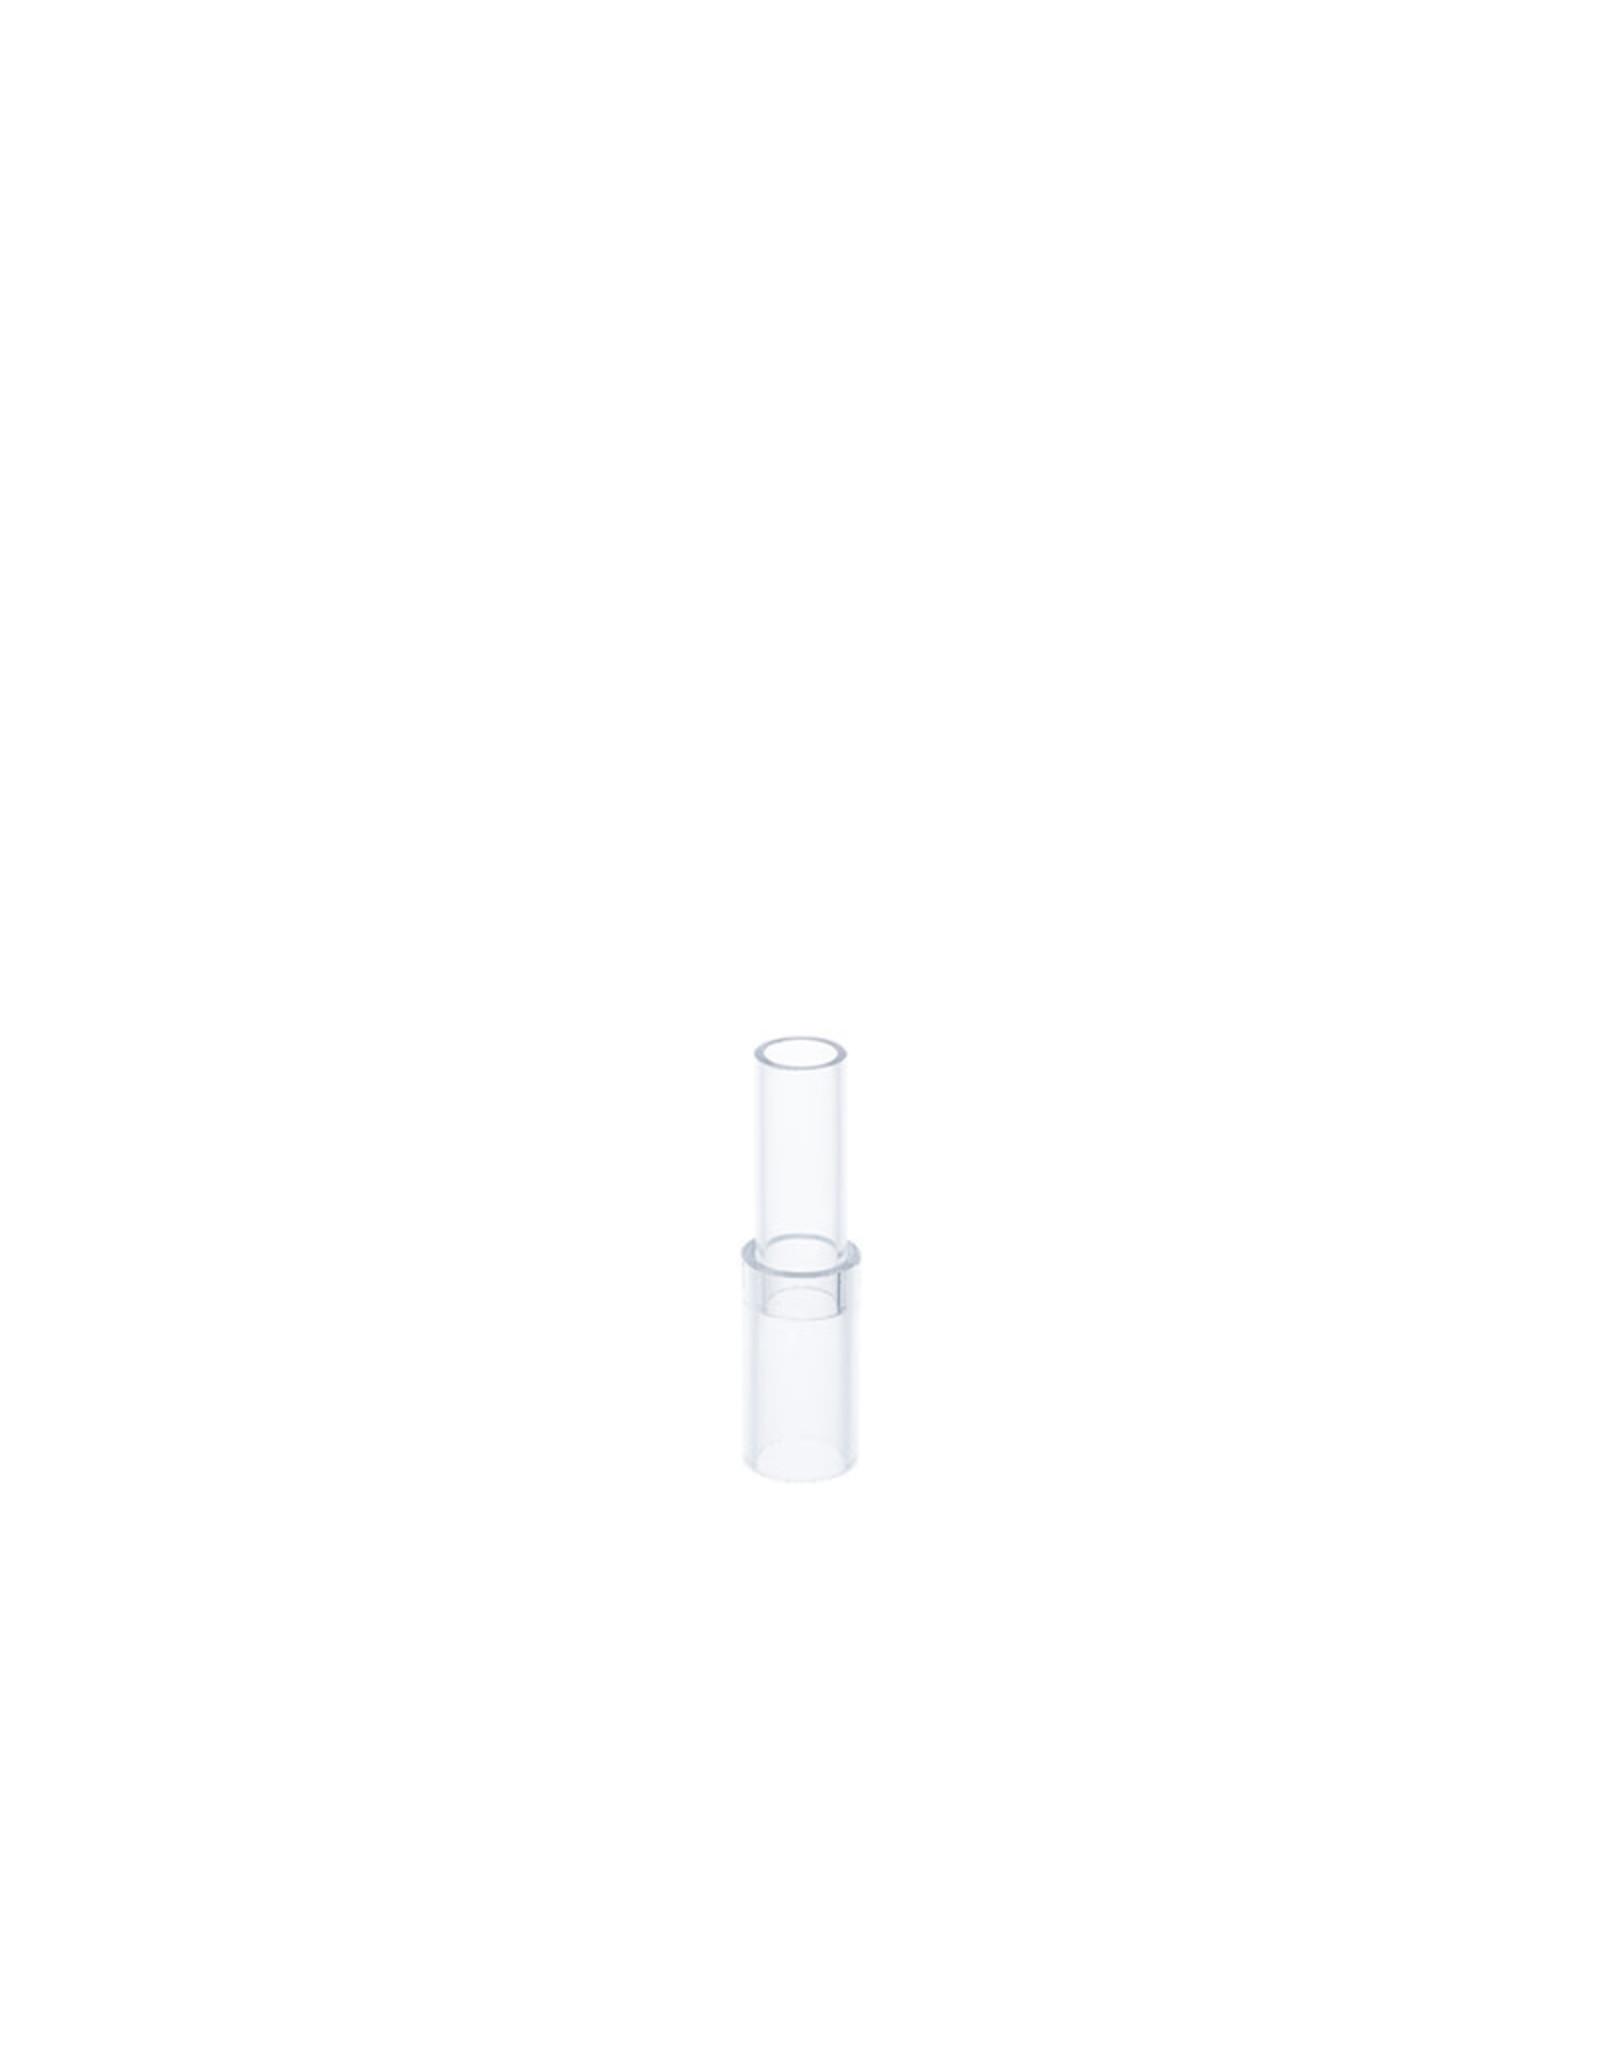 DOOA Different-diameter pipe (dia13/dia10)